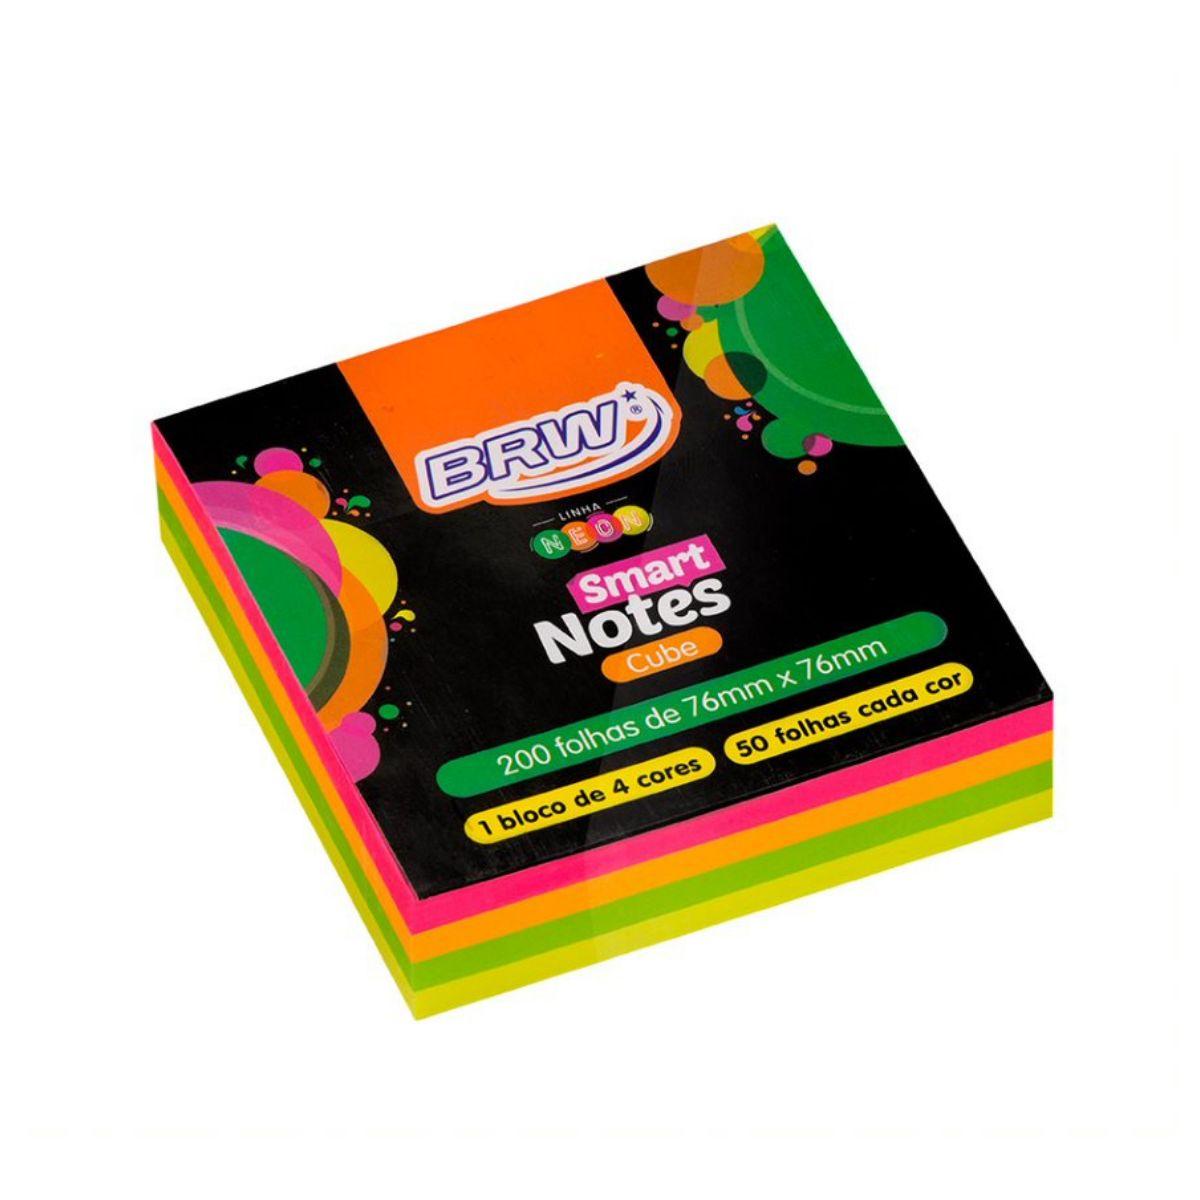 Bloco de Anotações 76x76mm Neon com 4 cores - BRW